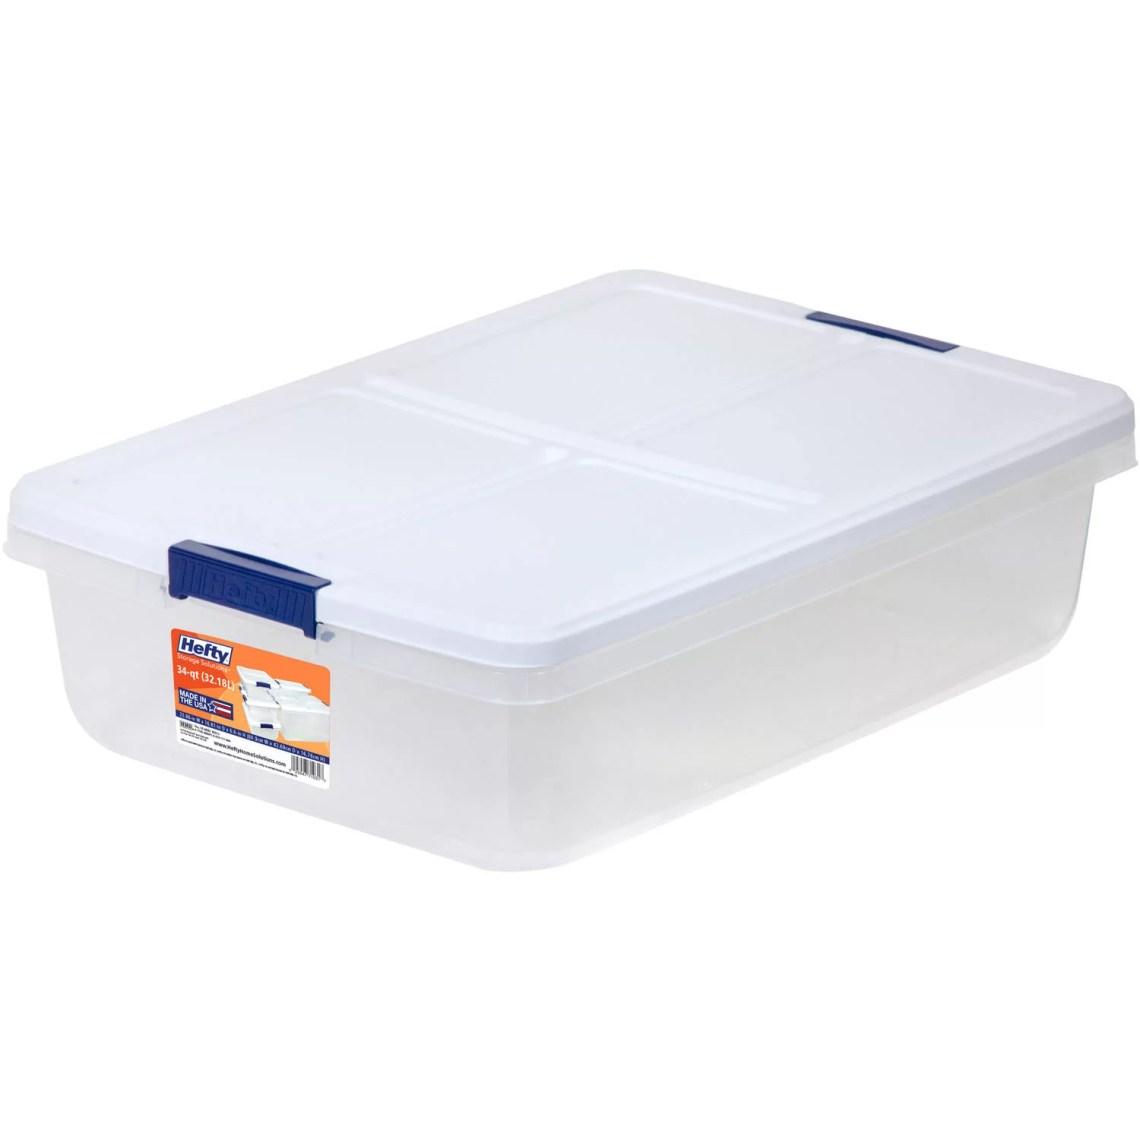 Popular Plastic Storage Bins With Lids - 1426f567-a66a-4abb-8521-612b2d68c9d9_1  Trends_362628.jpeg